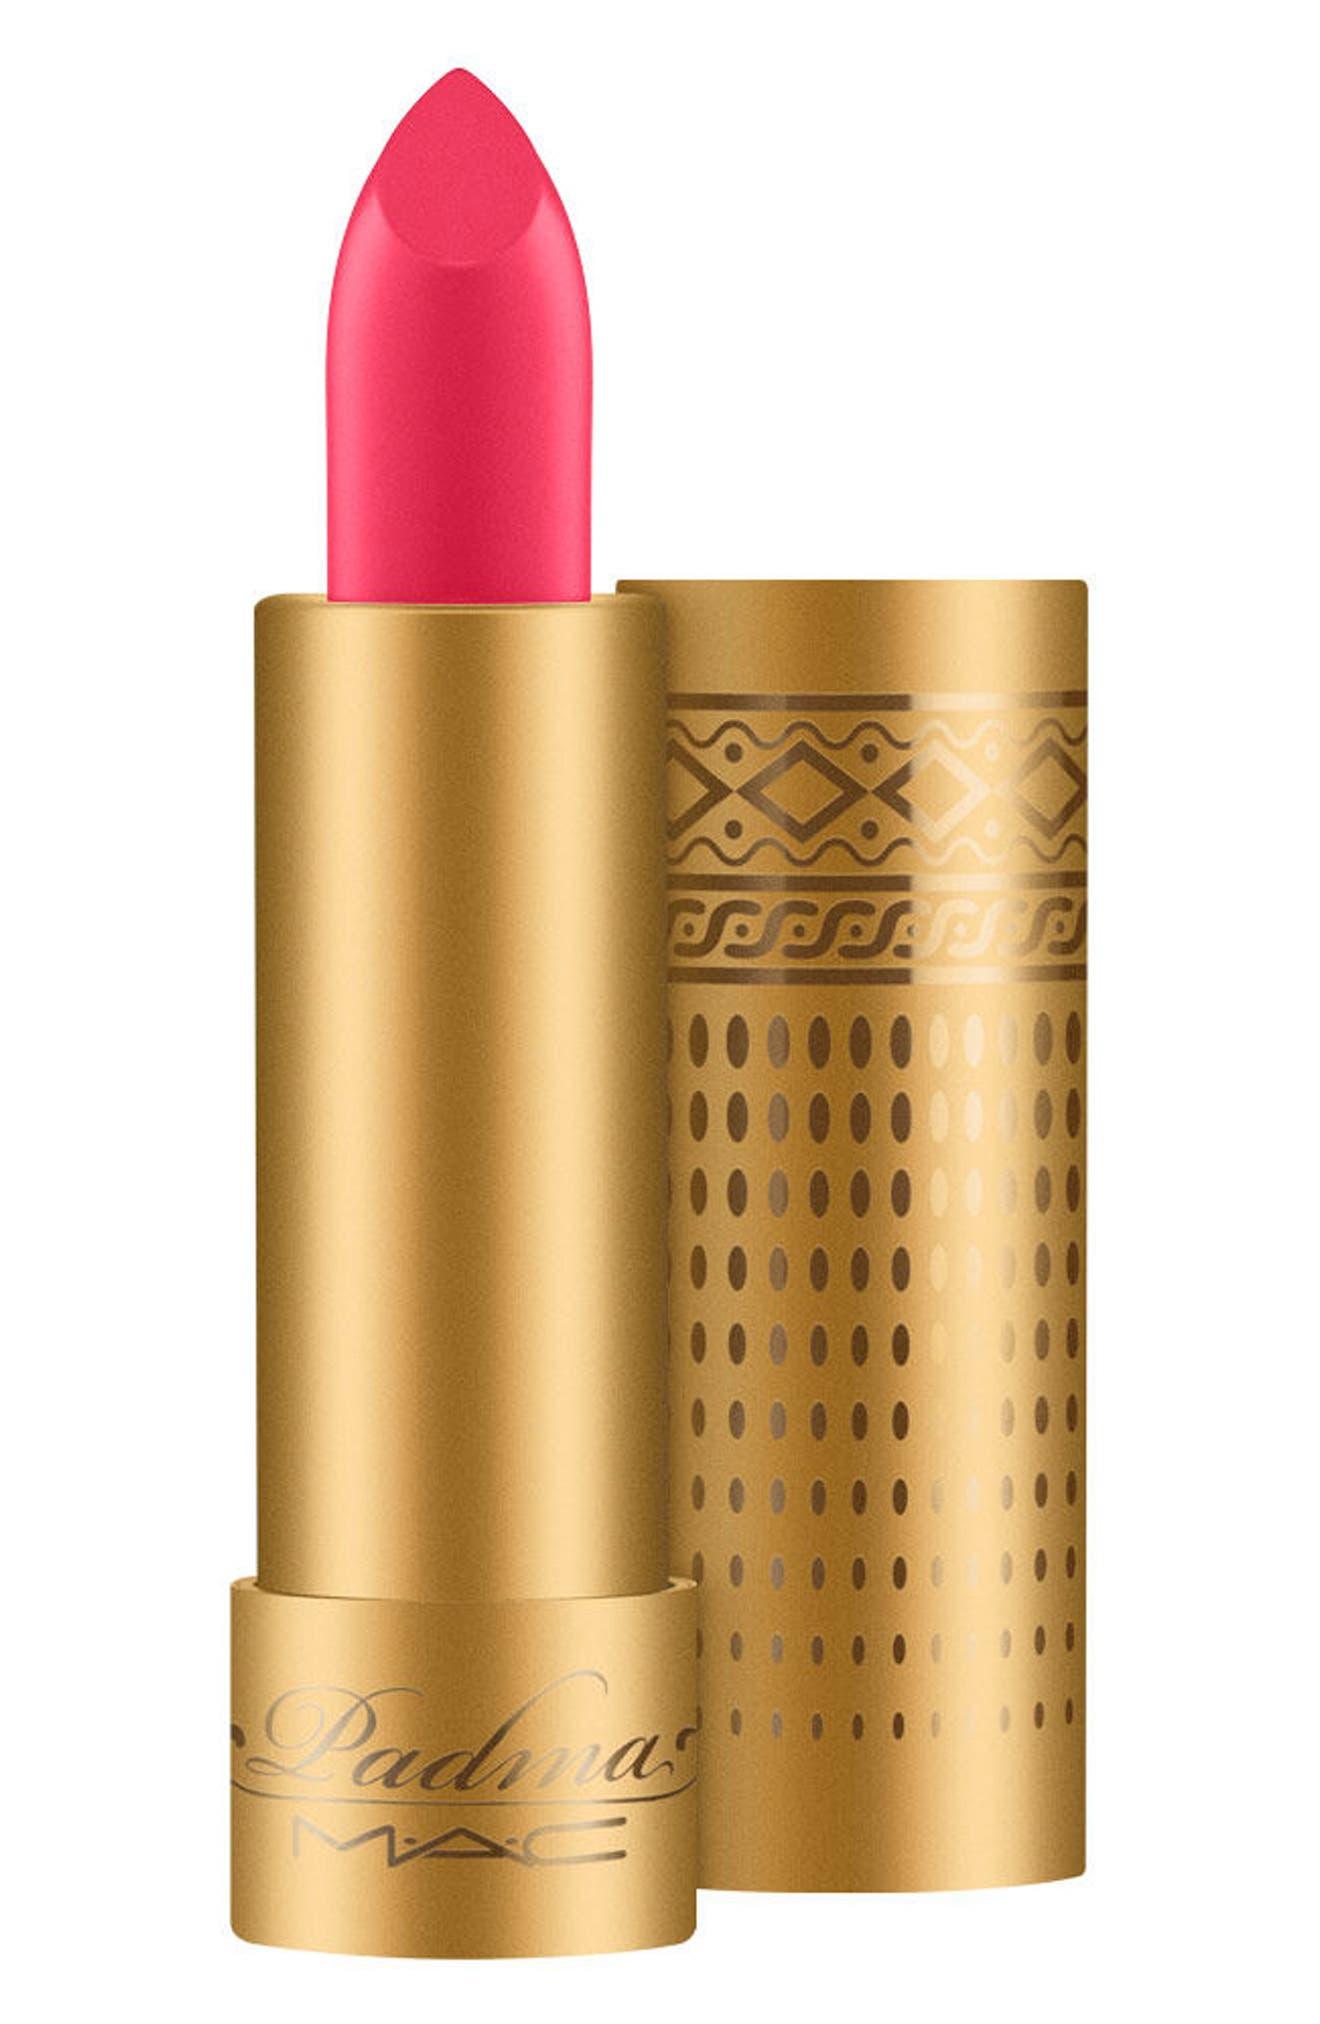 MAC Padma Lakshmi Lipstick (Limited Edition)